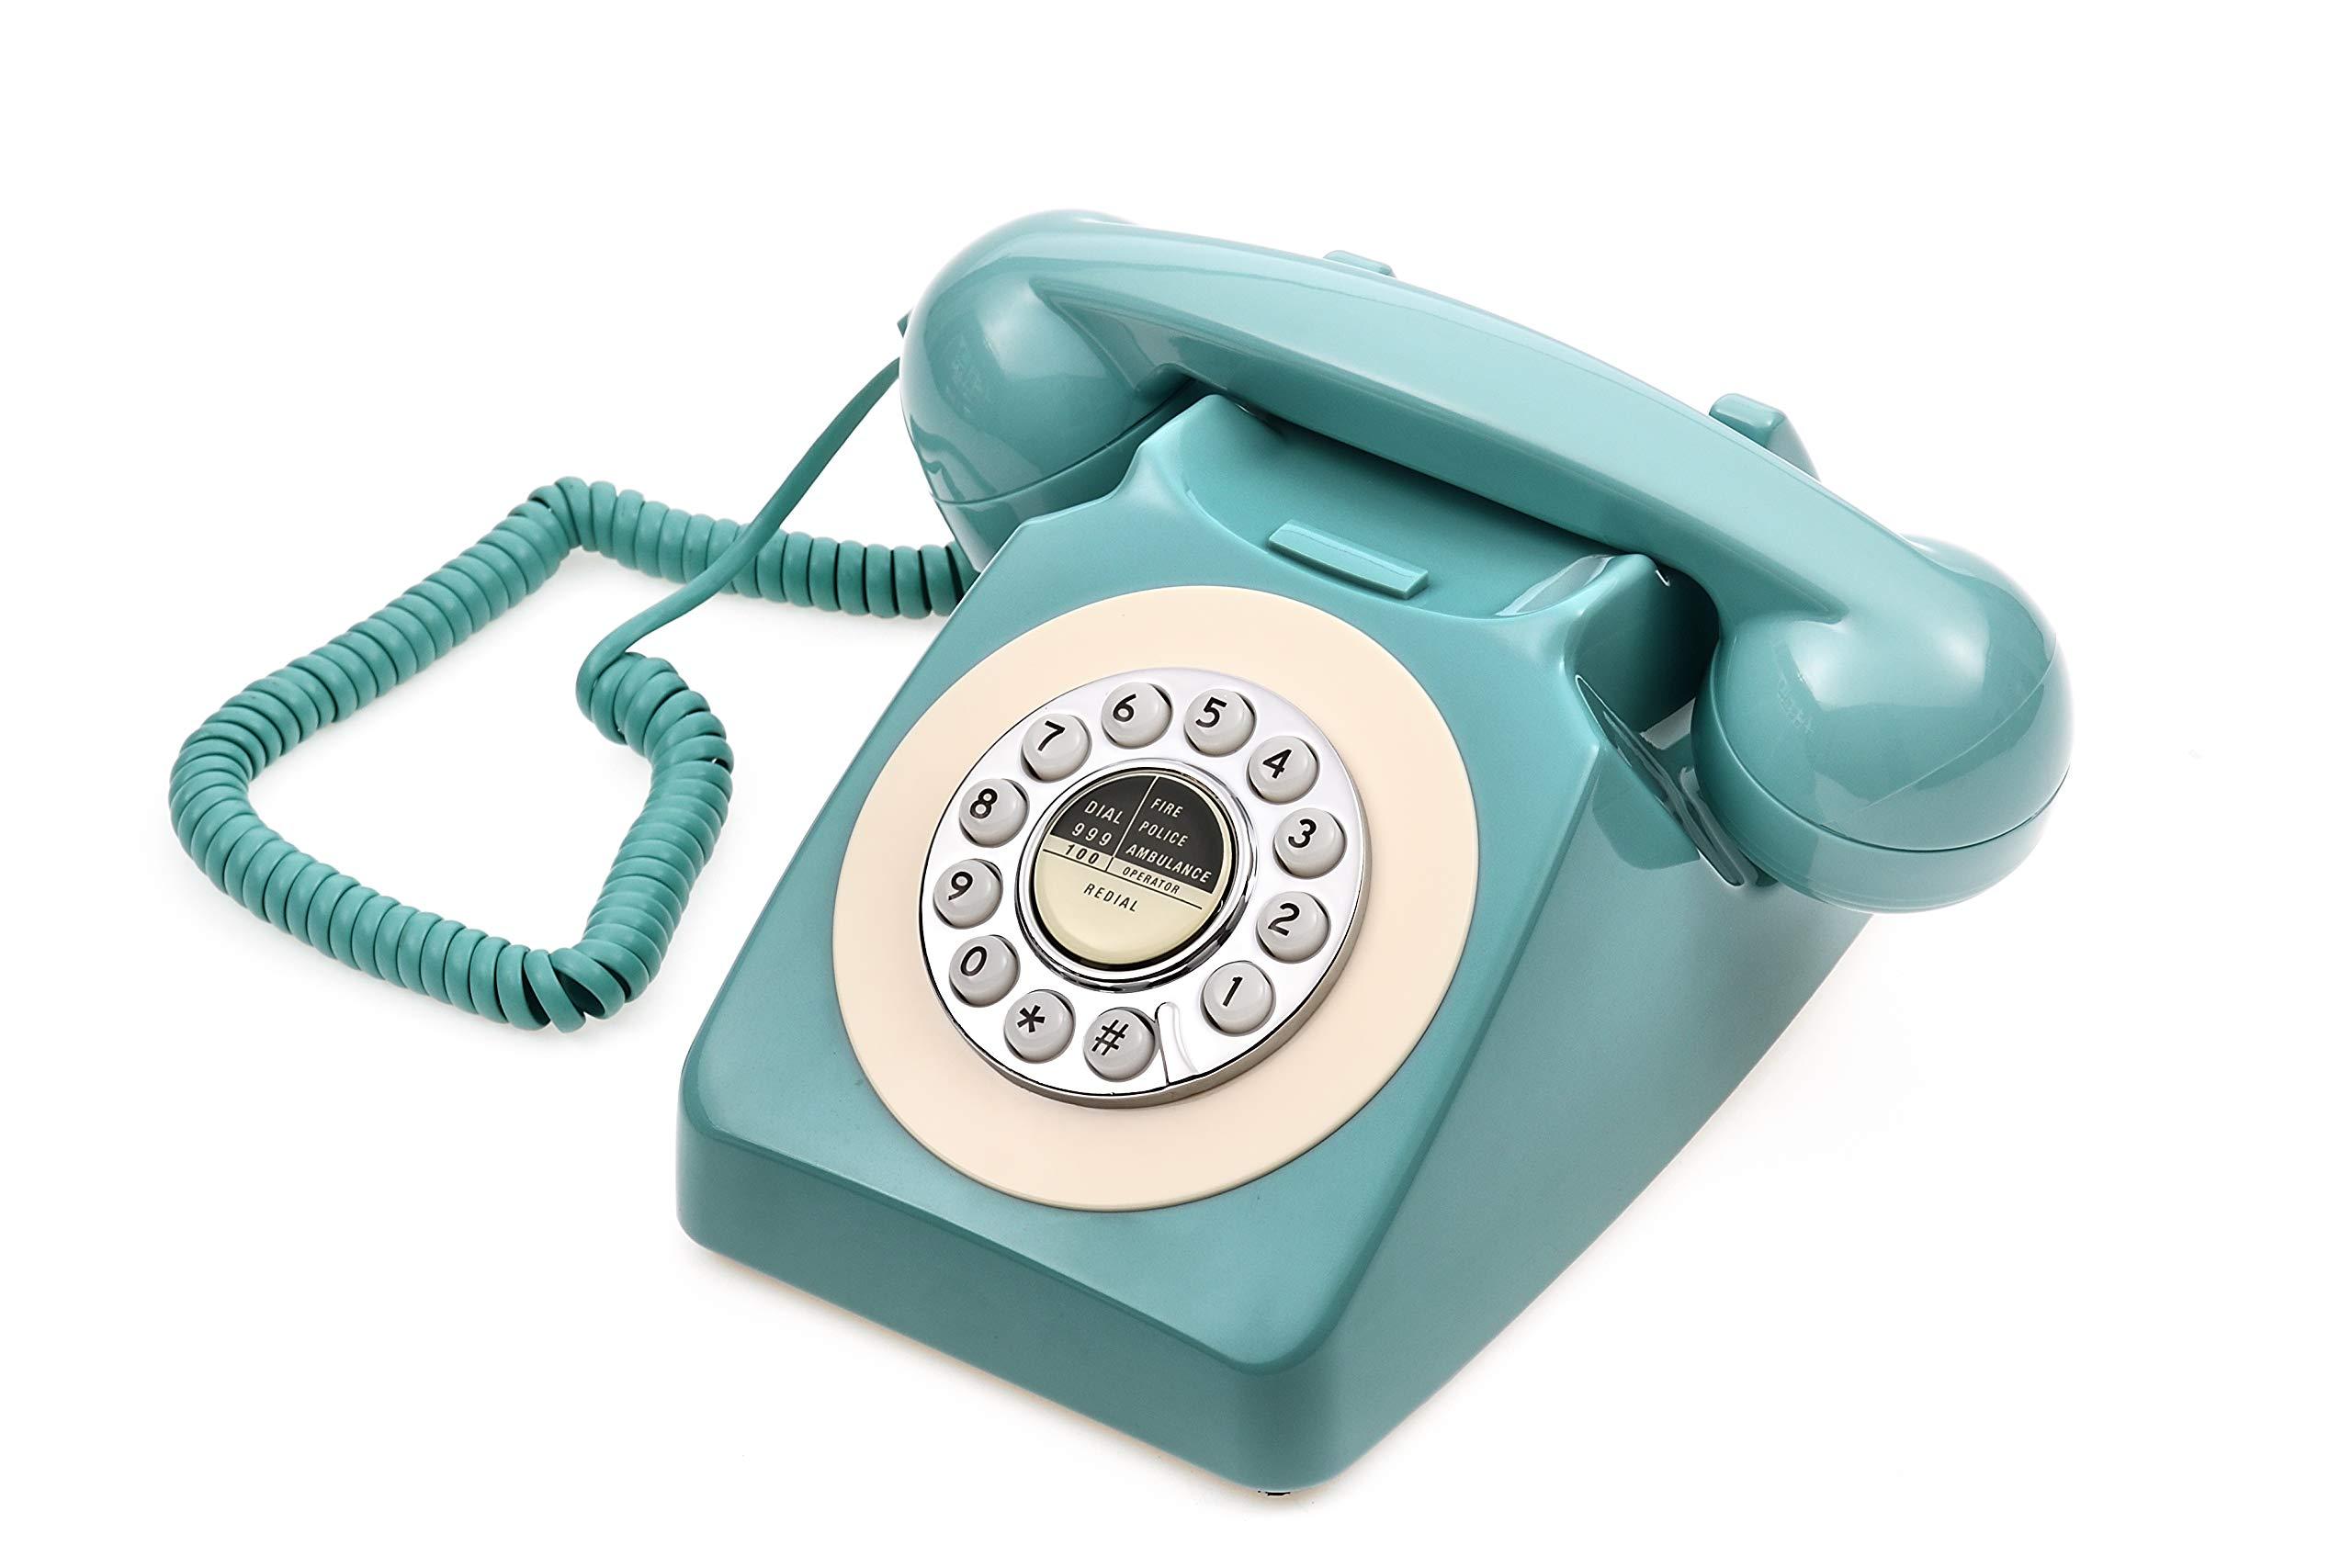 Retro Telephone CALLANY Classic Landline